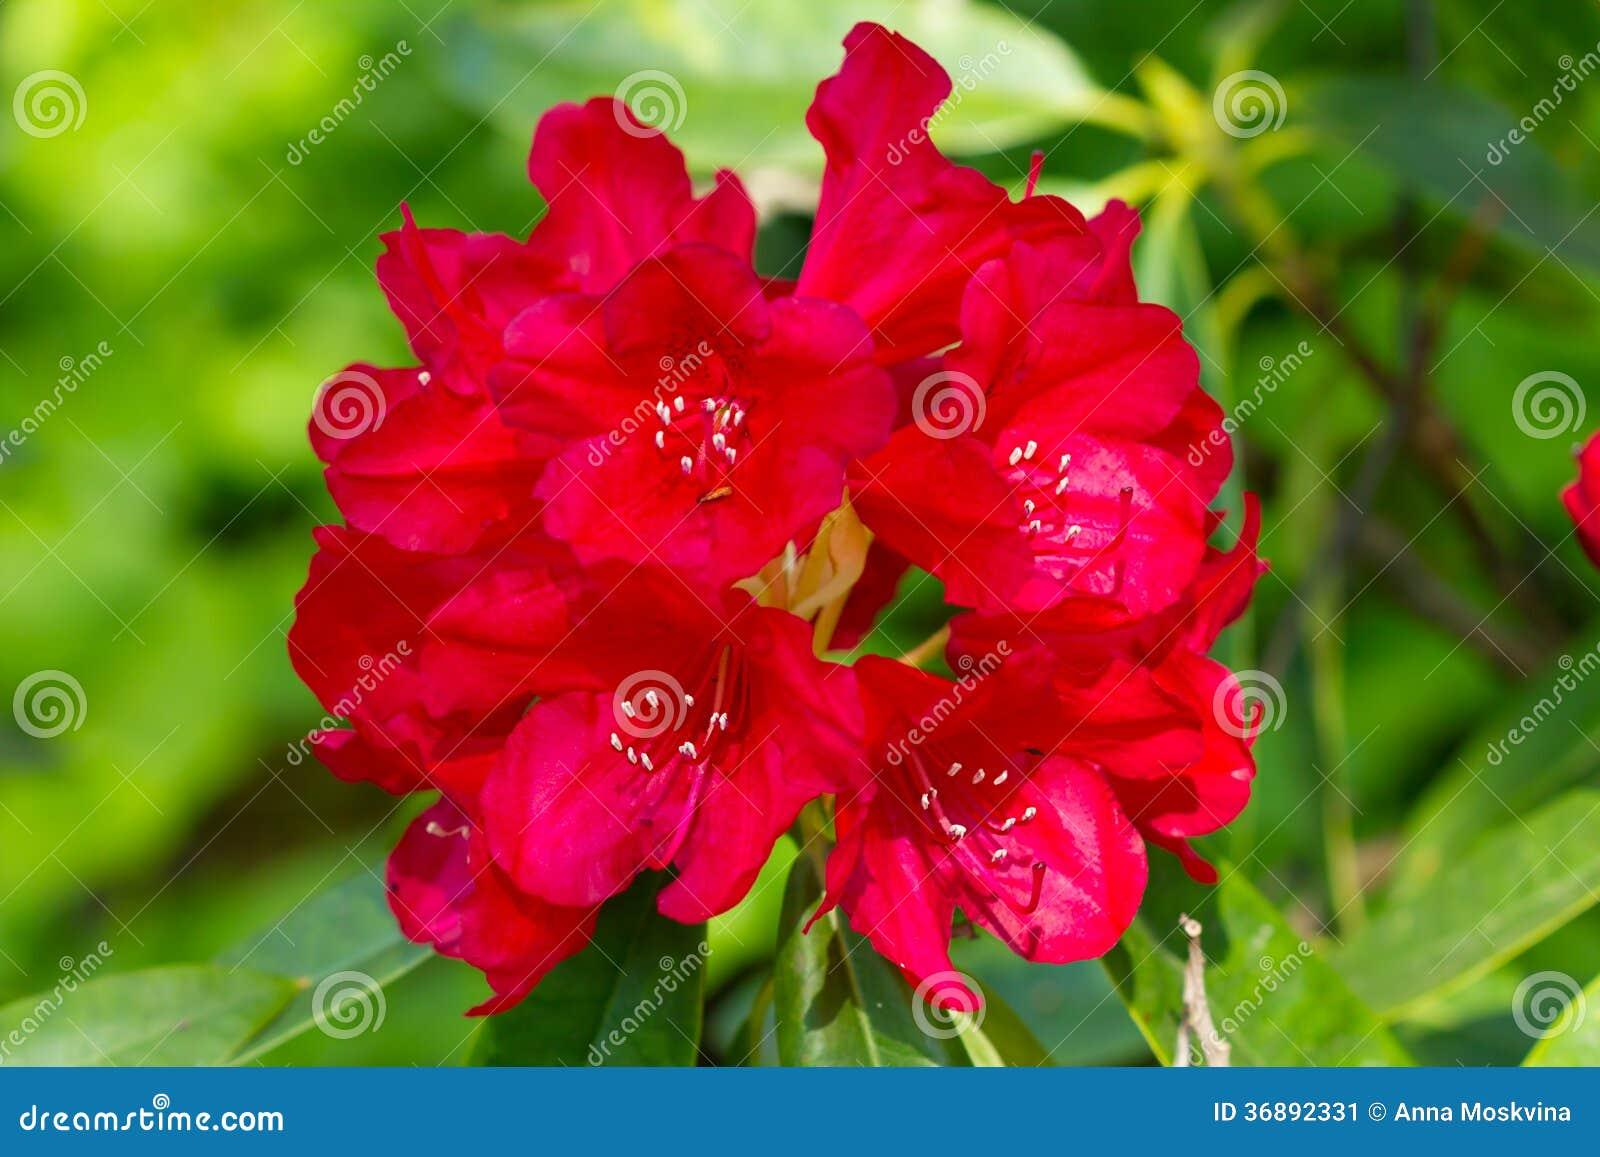 Download Albero del fiore immagine stock. Immagine di pink, nave - 36892331